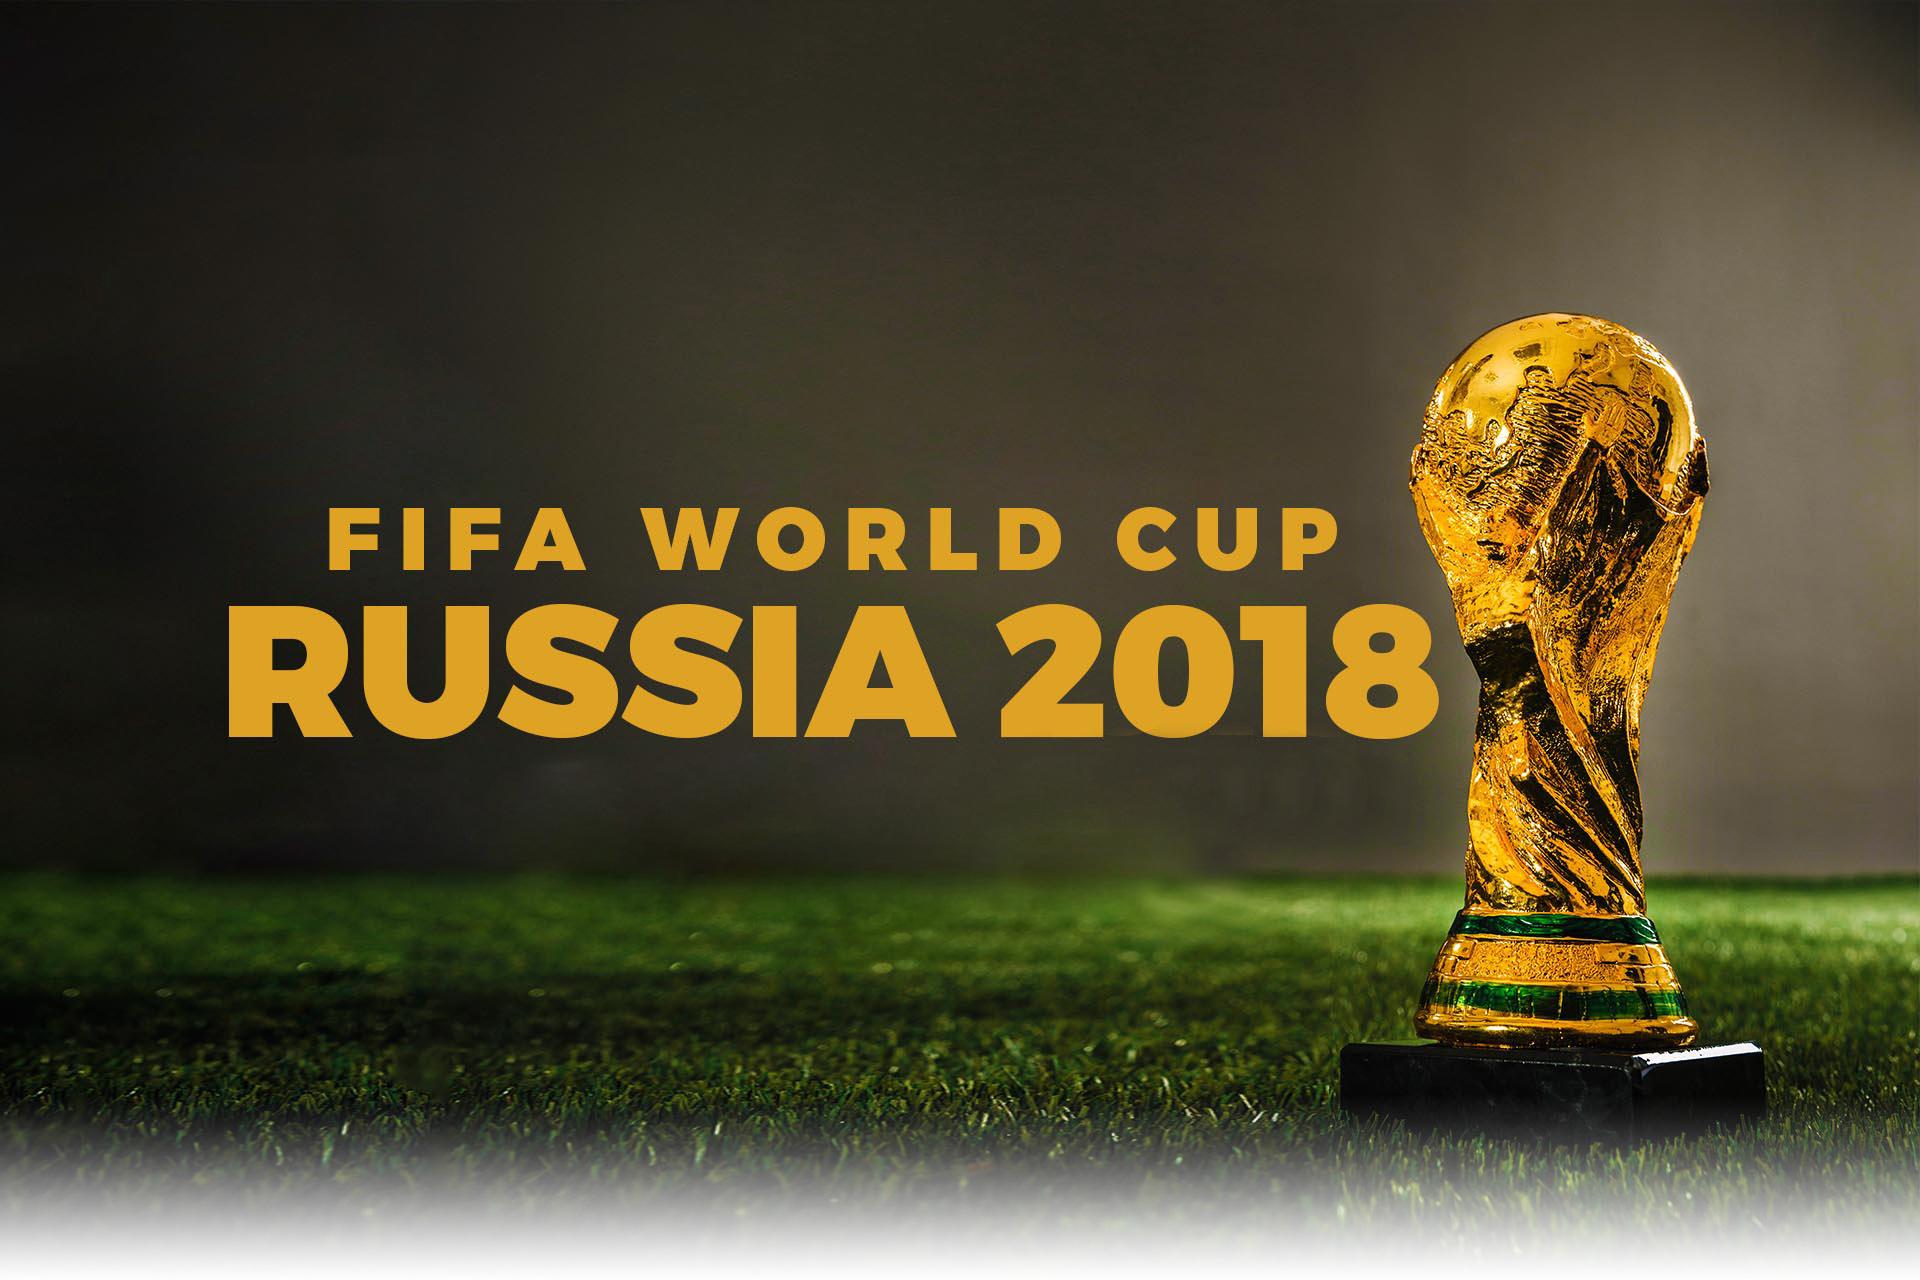 Quần hùng tranh World Cup 2018: Messi, Ronaldo, Neymar & Cuộc đua tới ngôi vua - 5